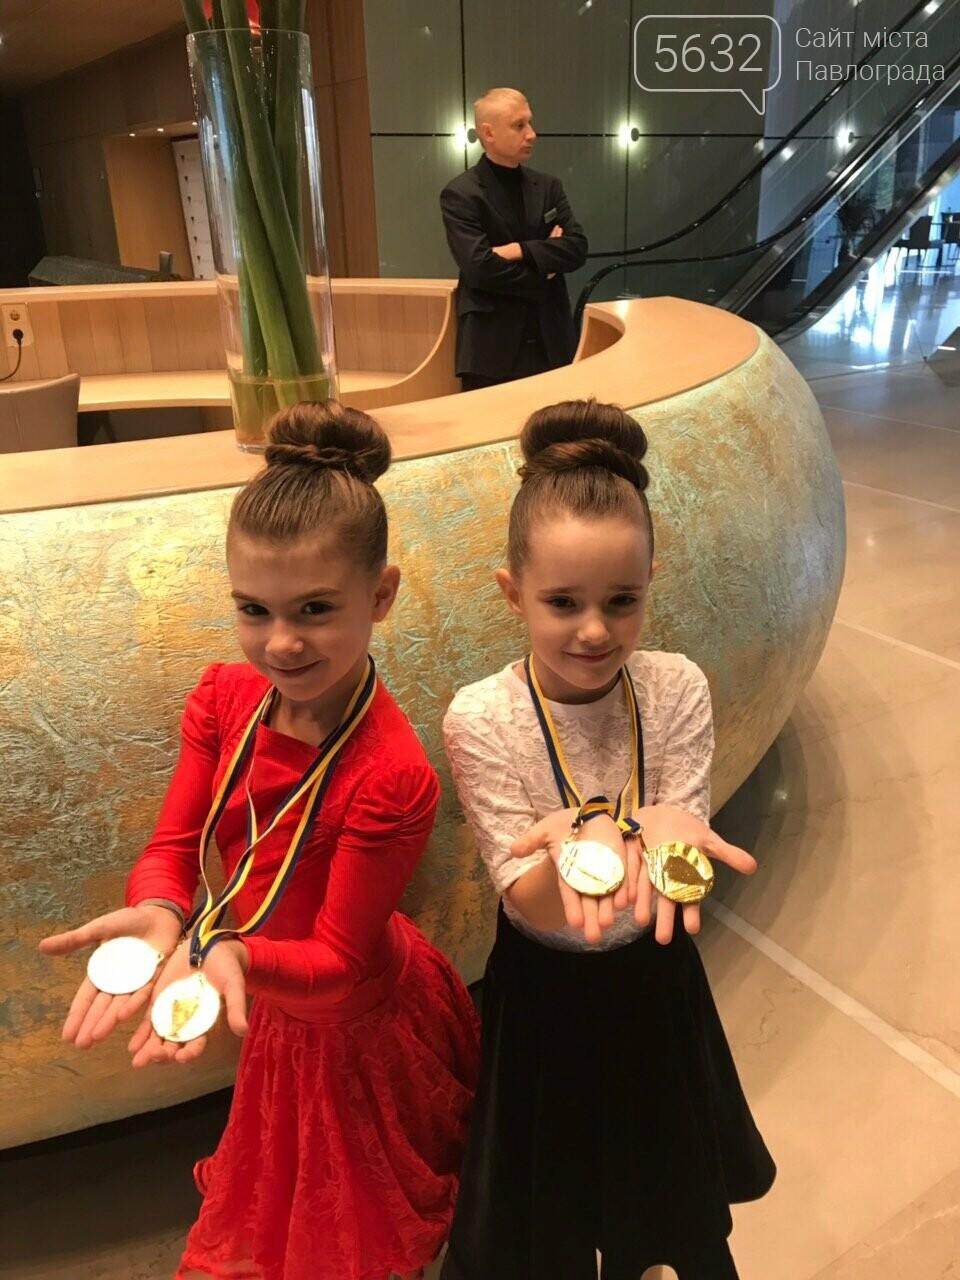 Павлоградцы покорили главные соревнования страны по спортивно-бальным танцам, фото-6